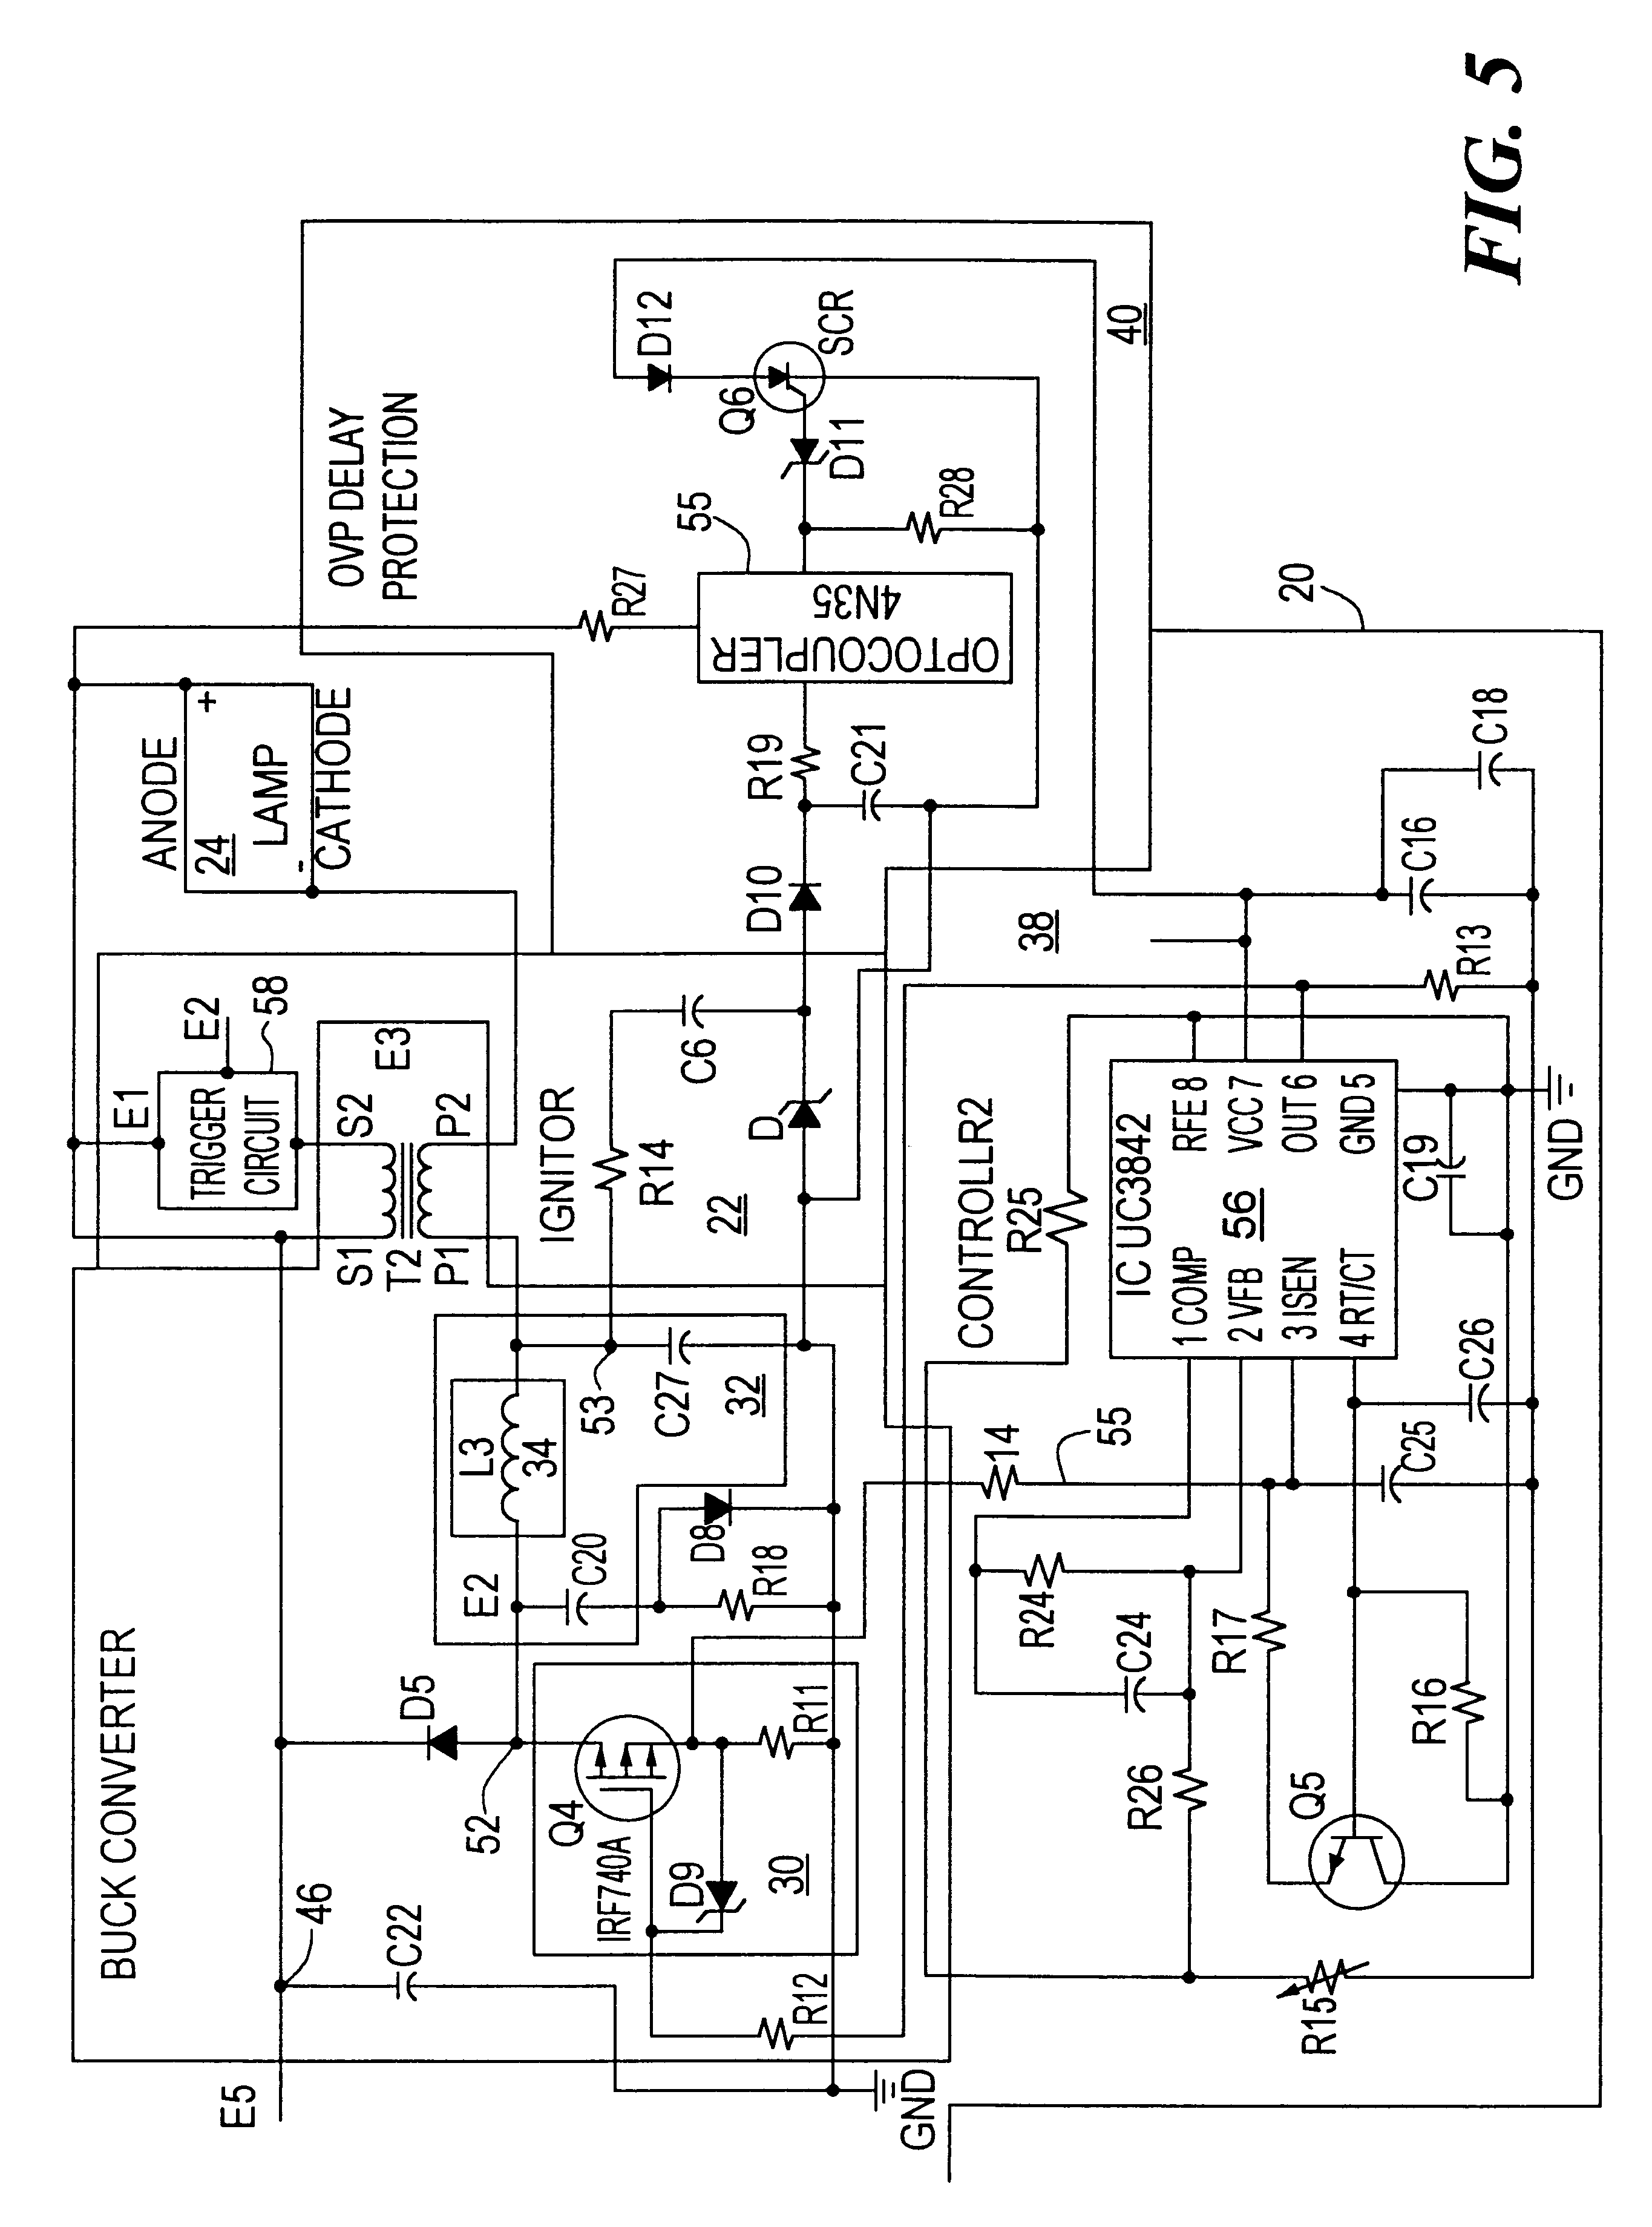 patent us6181084